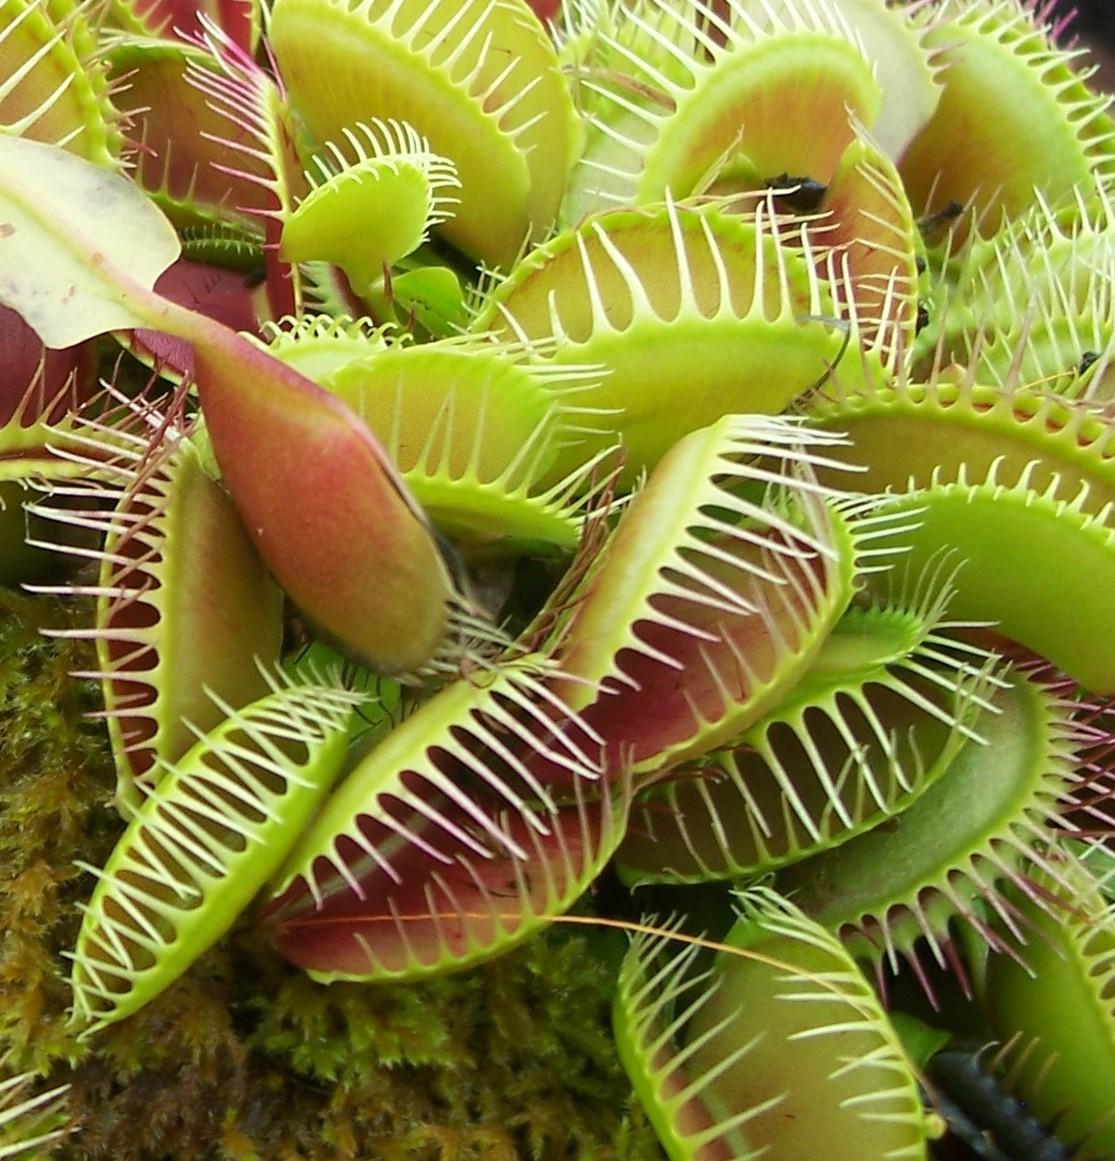 Venus flytrap wkrp